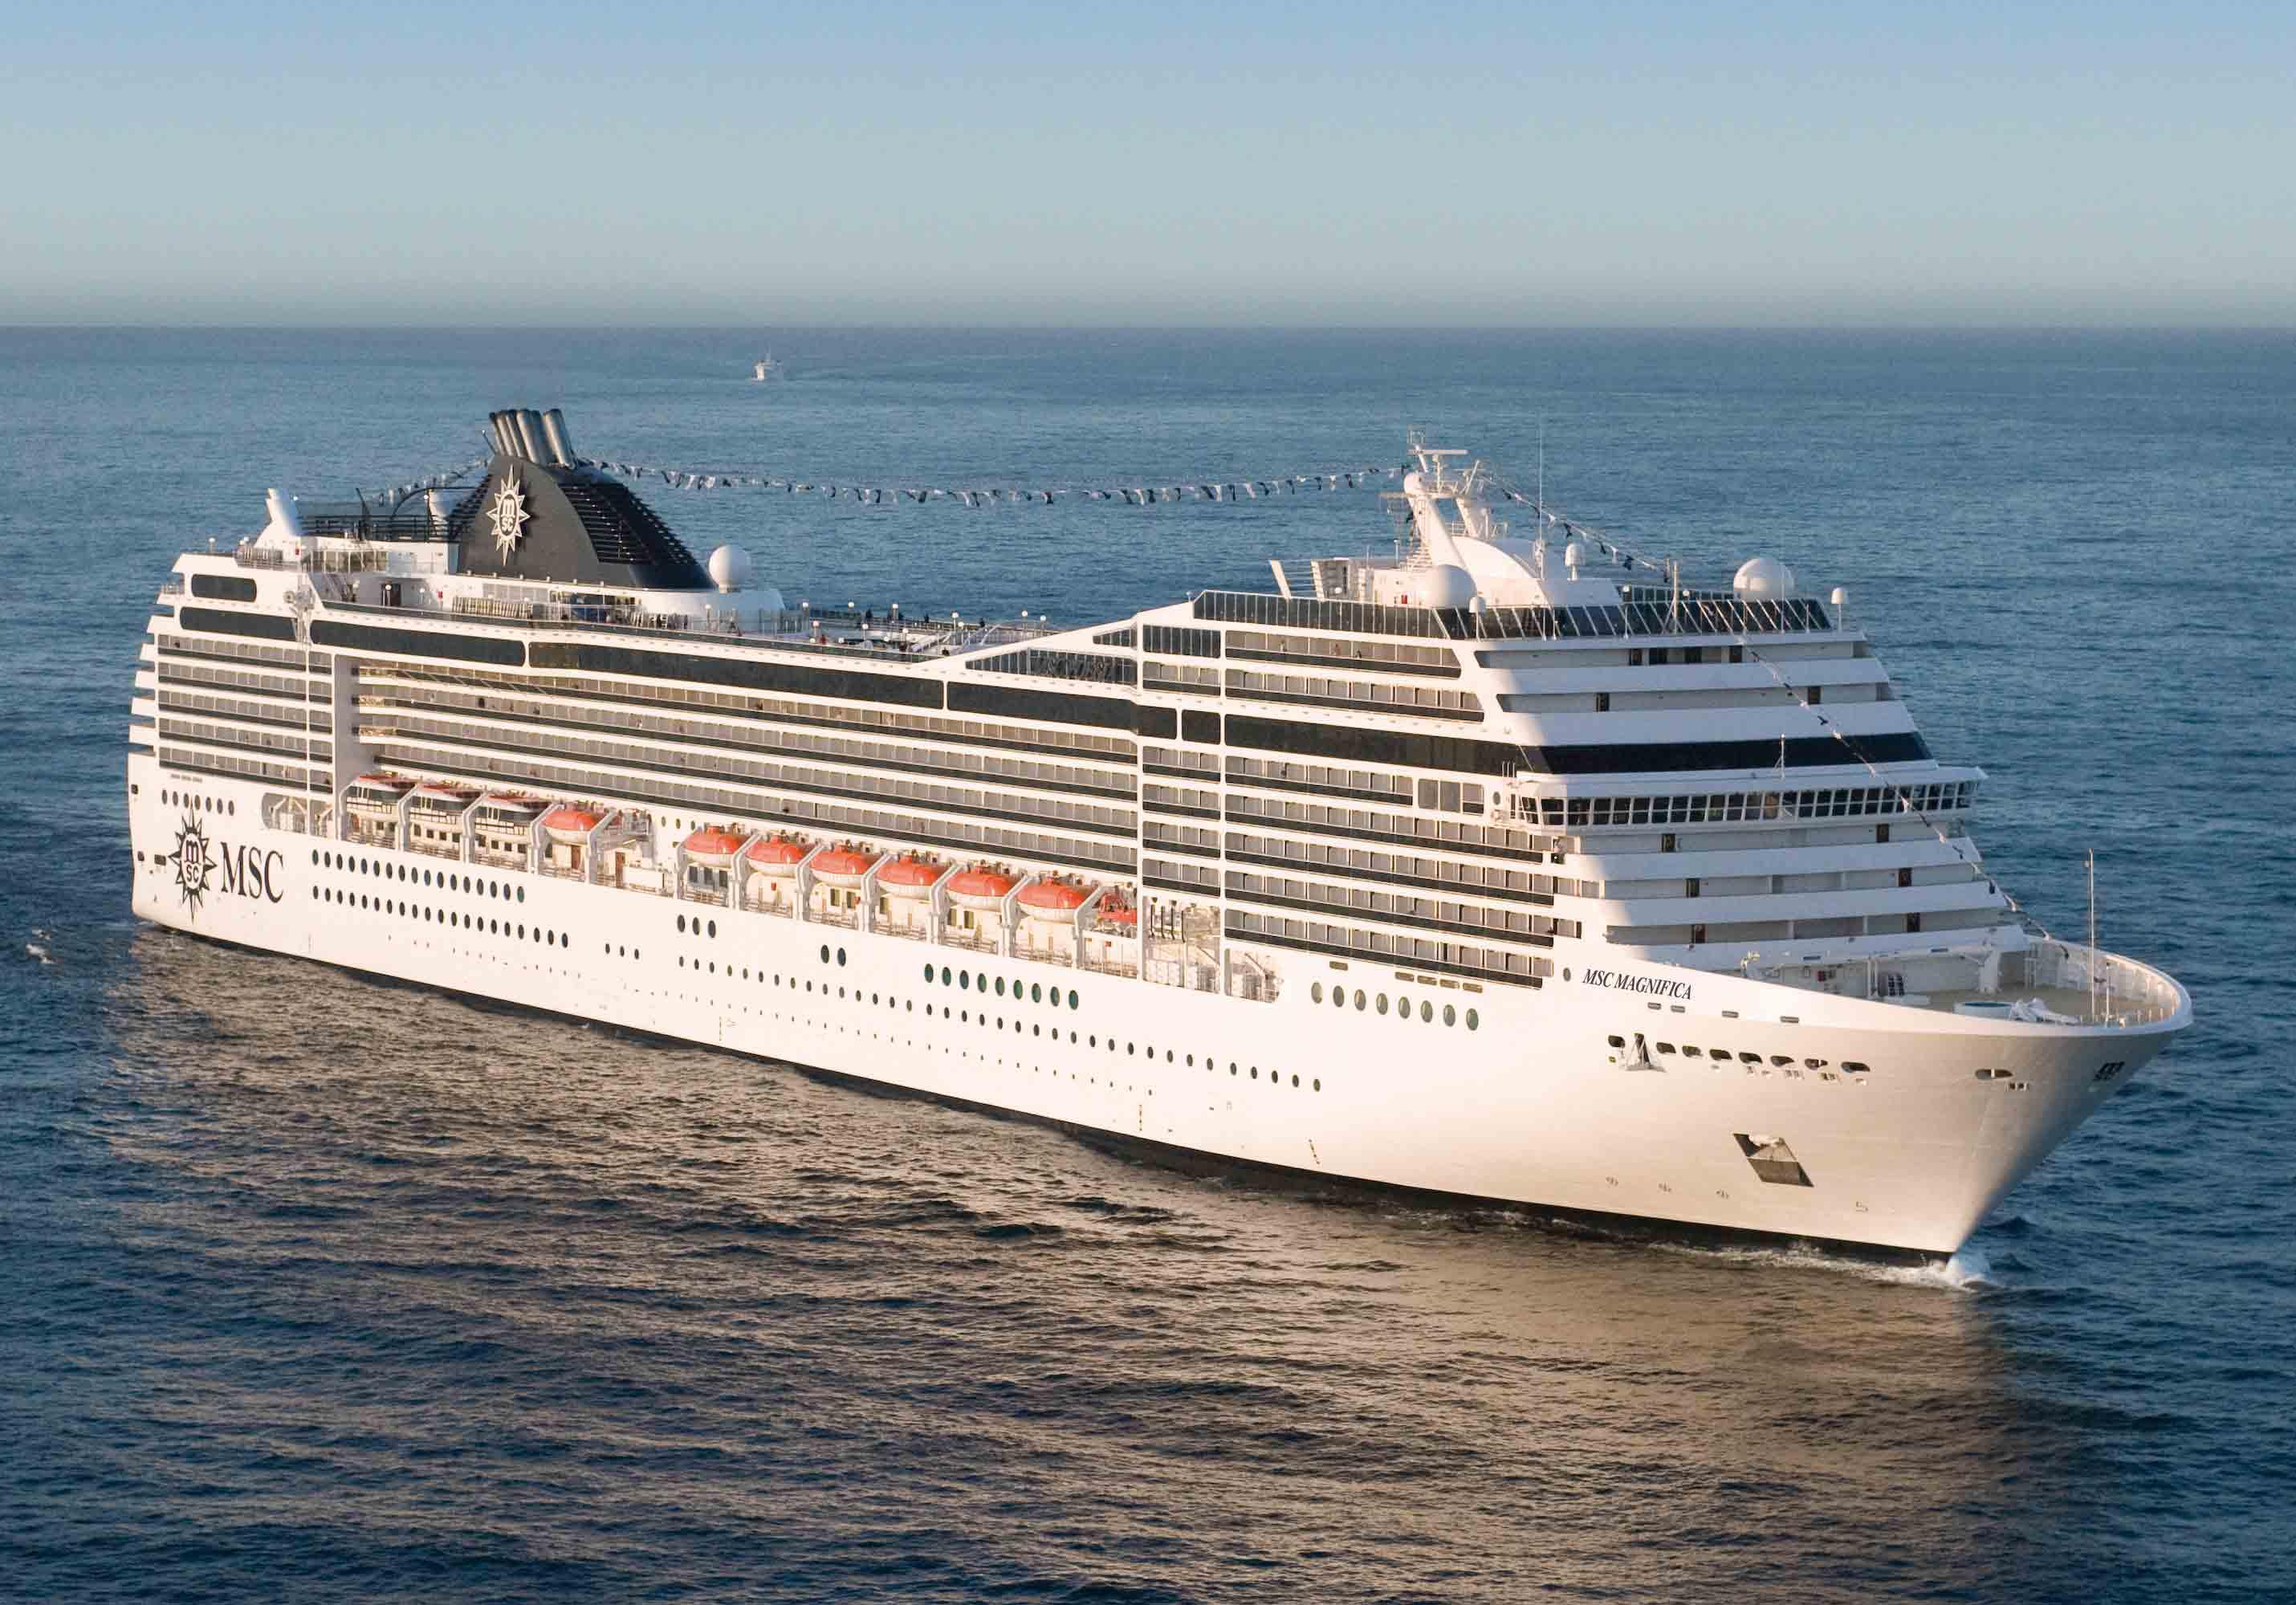 MSC croisières : Comment profiter du bateau ?